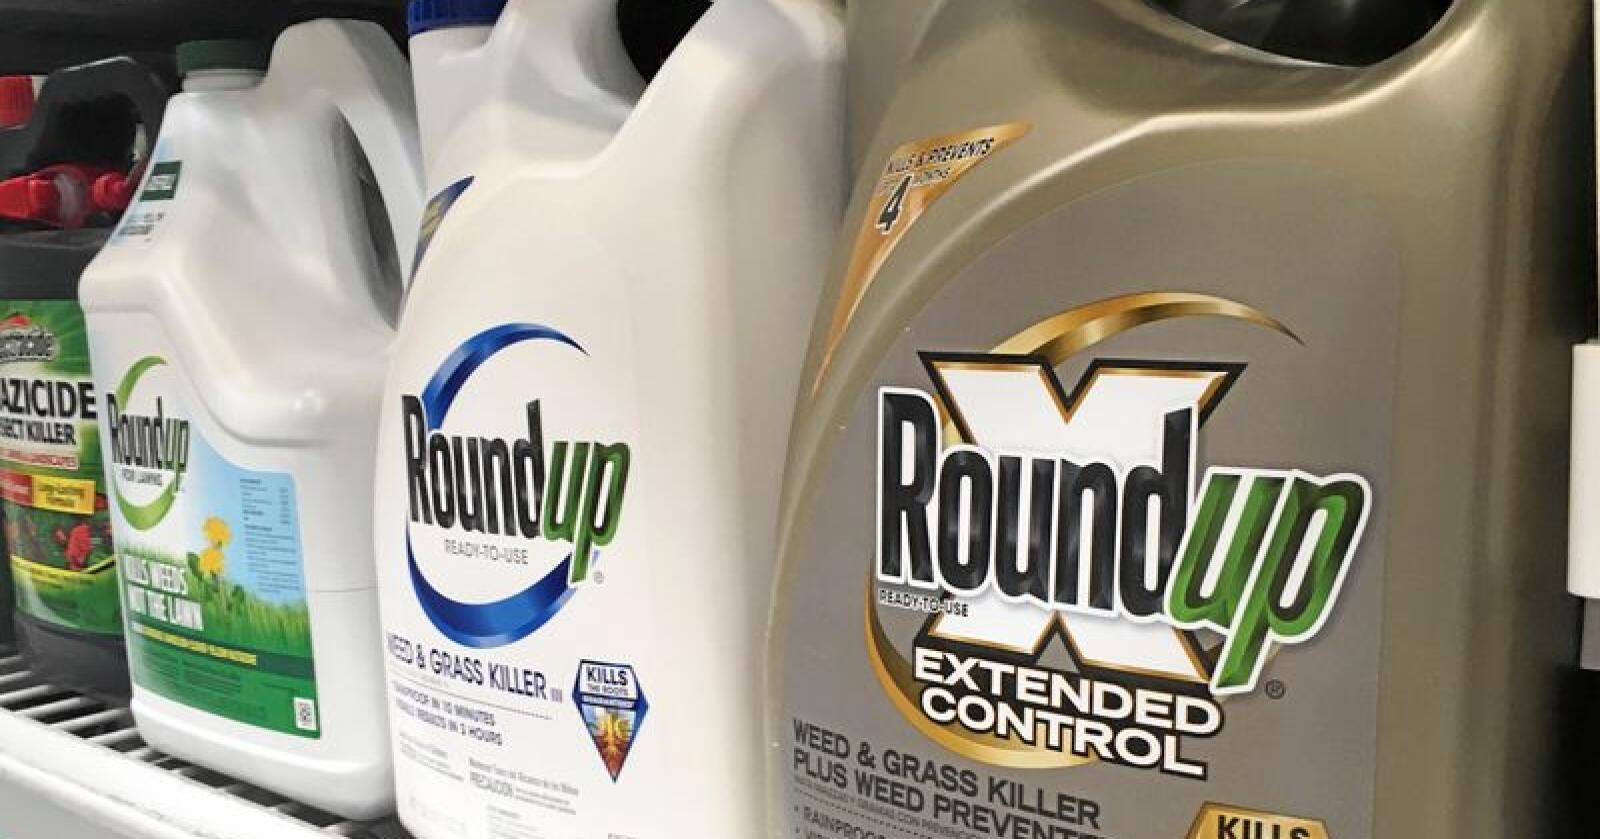 Bayer, eierne av Roundup, har tidligere blitt dømt i en lignende sak. Foto: AP Photo/Haven Daley, File